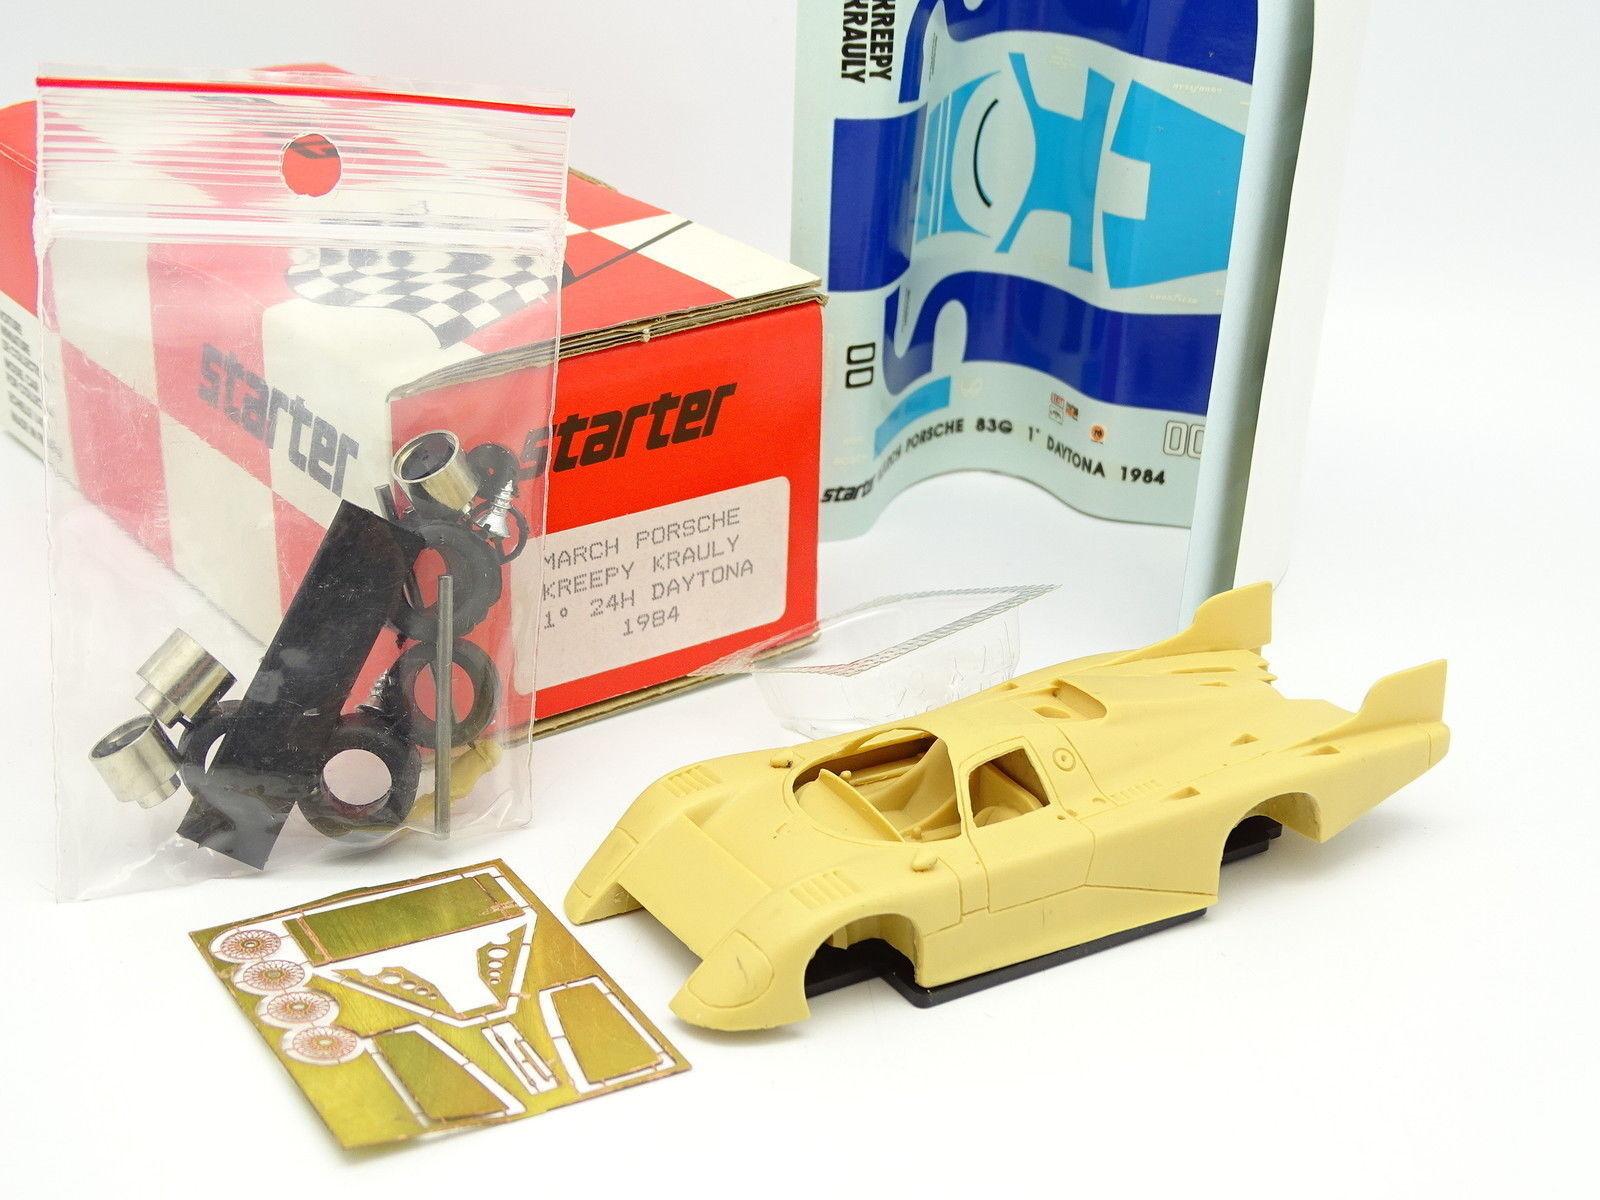 Kit para Montar 1 43 - Porsche March 83G Kreepy Krauly Winner Daytona 1984